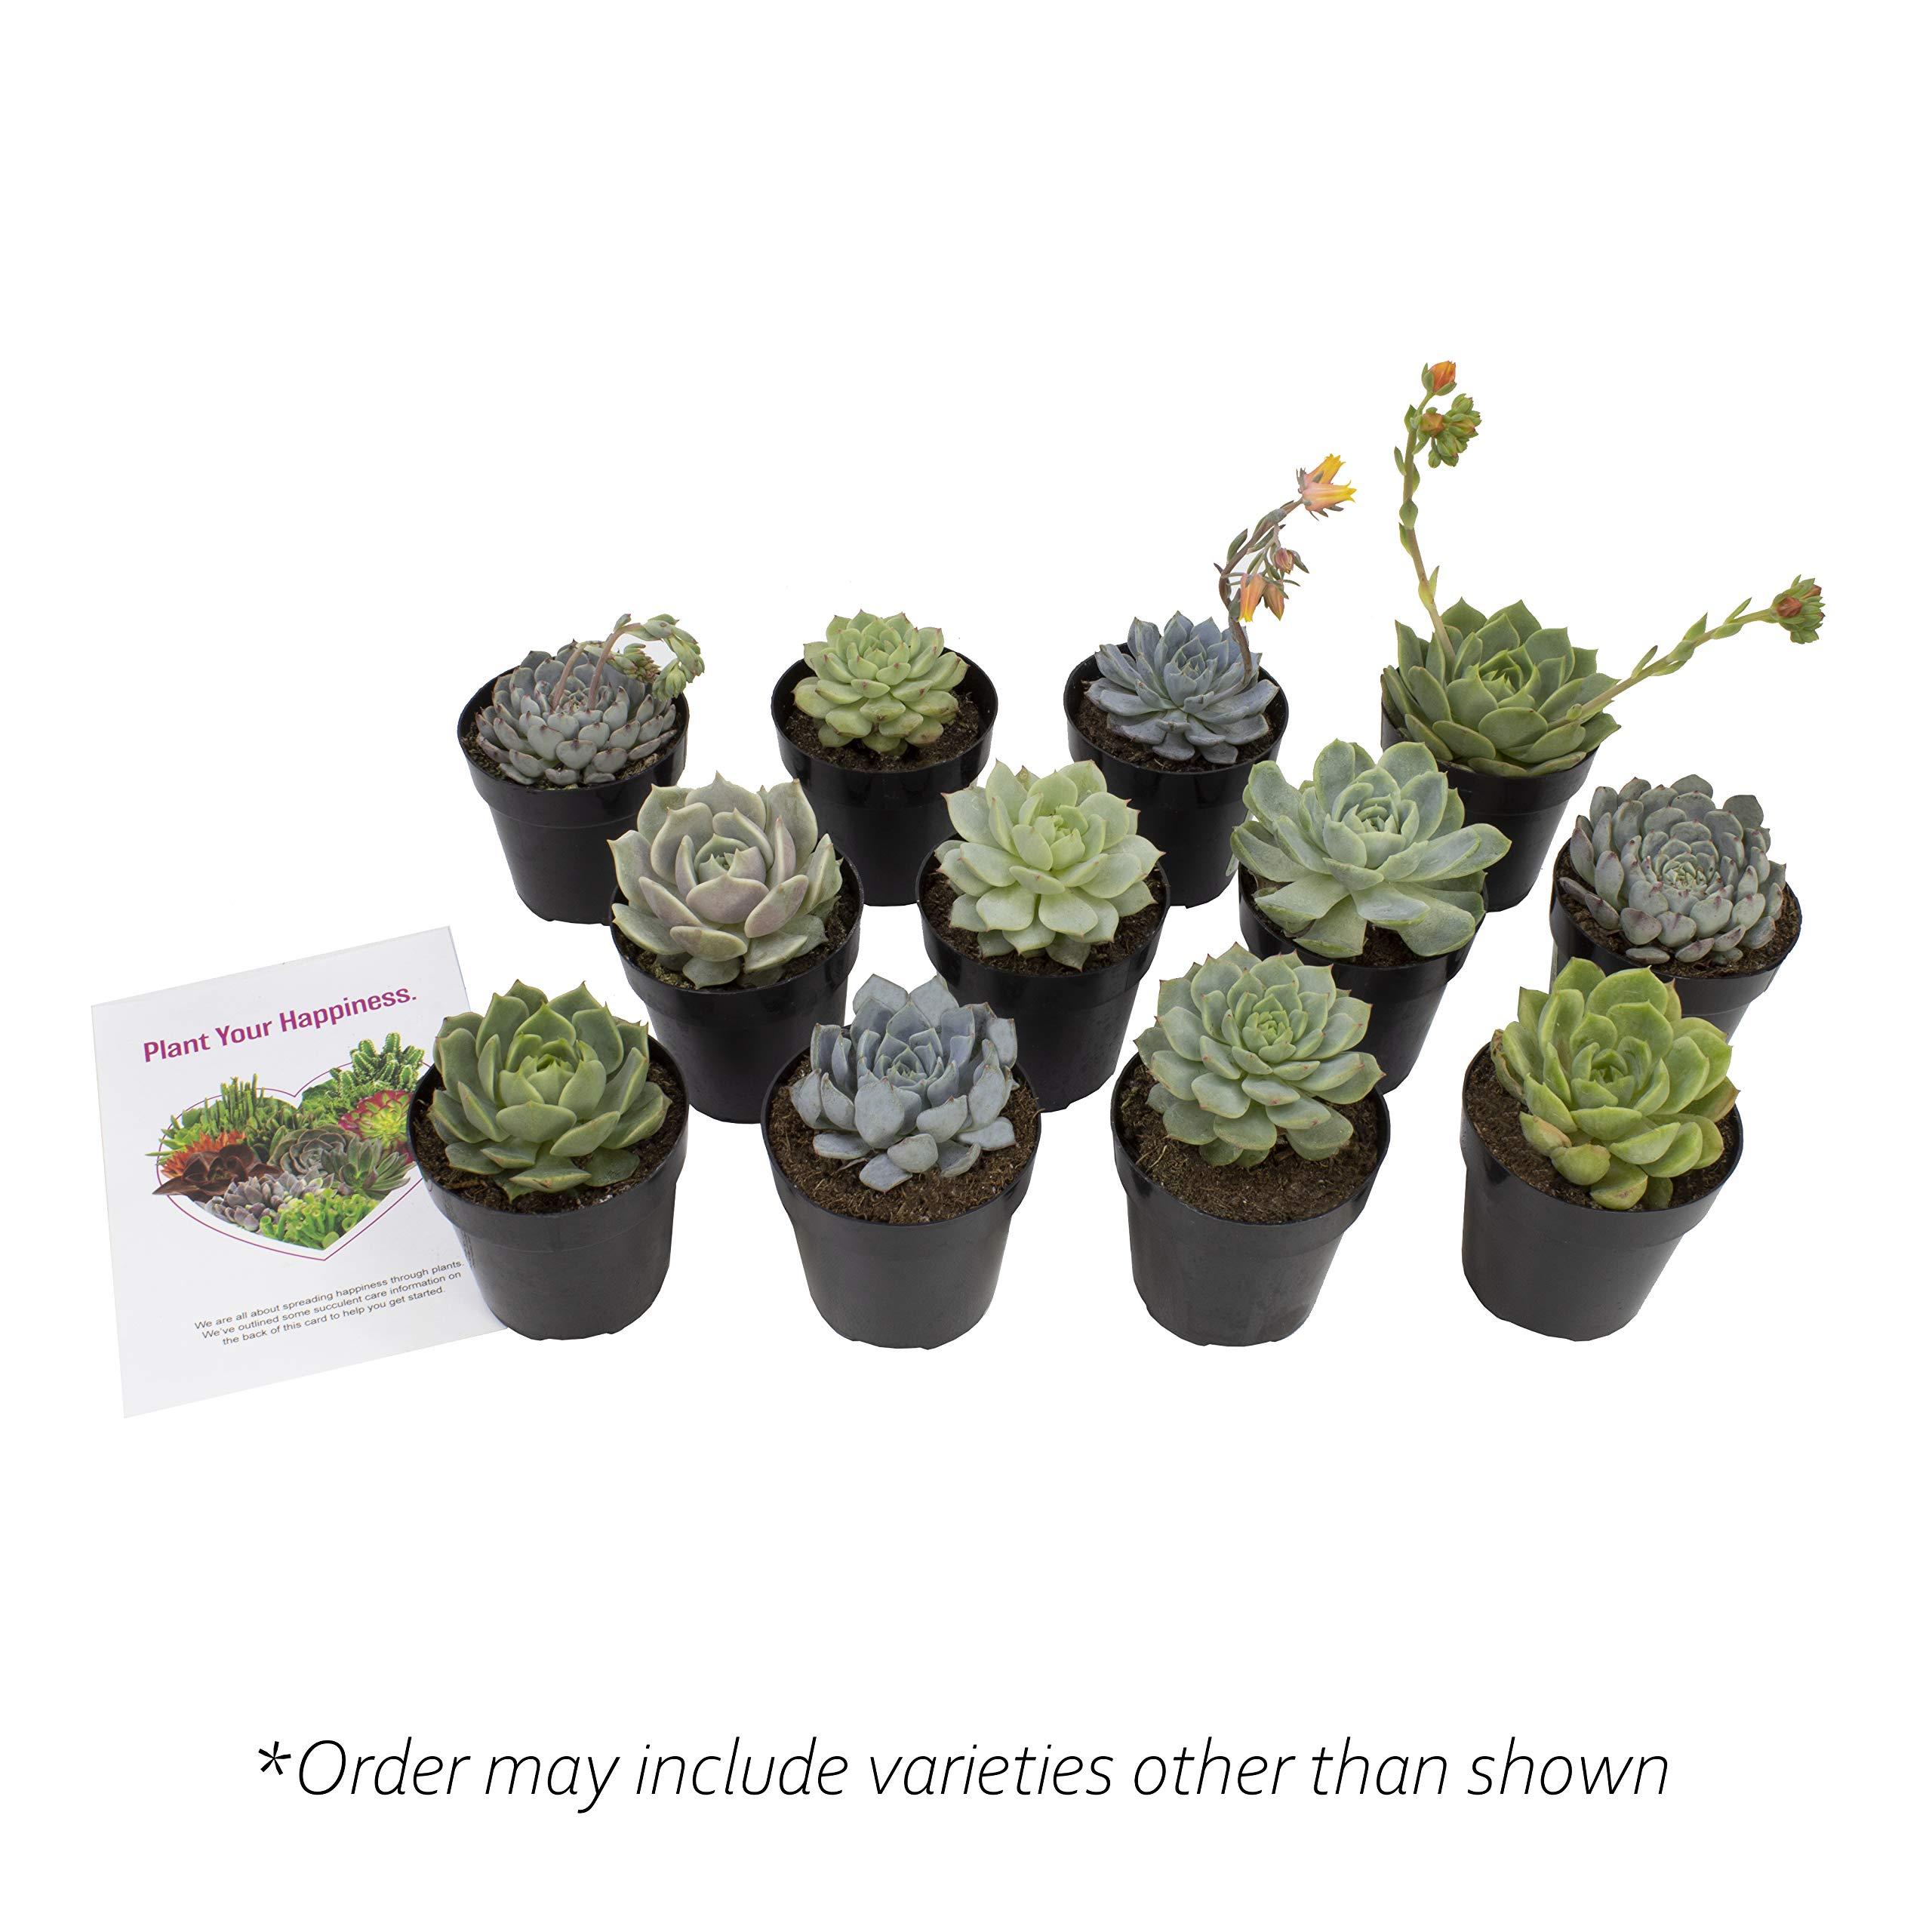 Altman Plants Assorted Live mini Wedding Succulents Flowering Echeveria Rosettes party favors, arrangements, 2.5'', 12 Pack